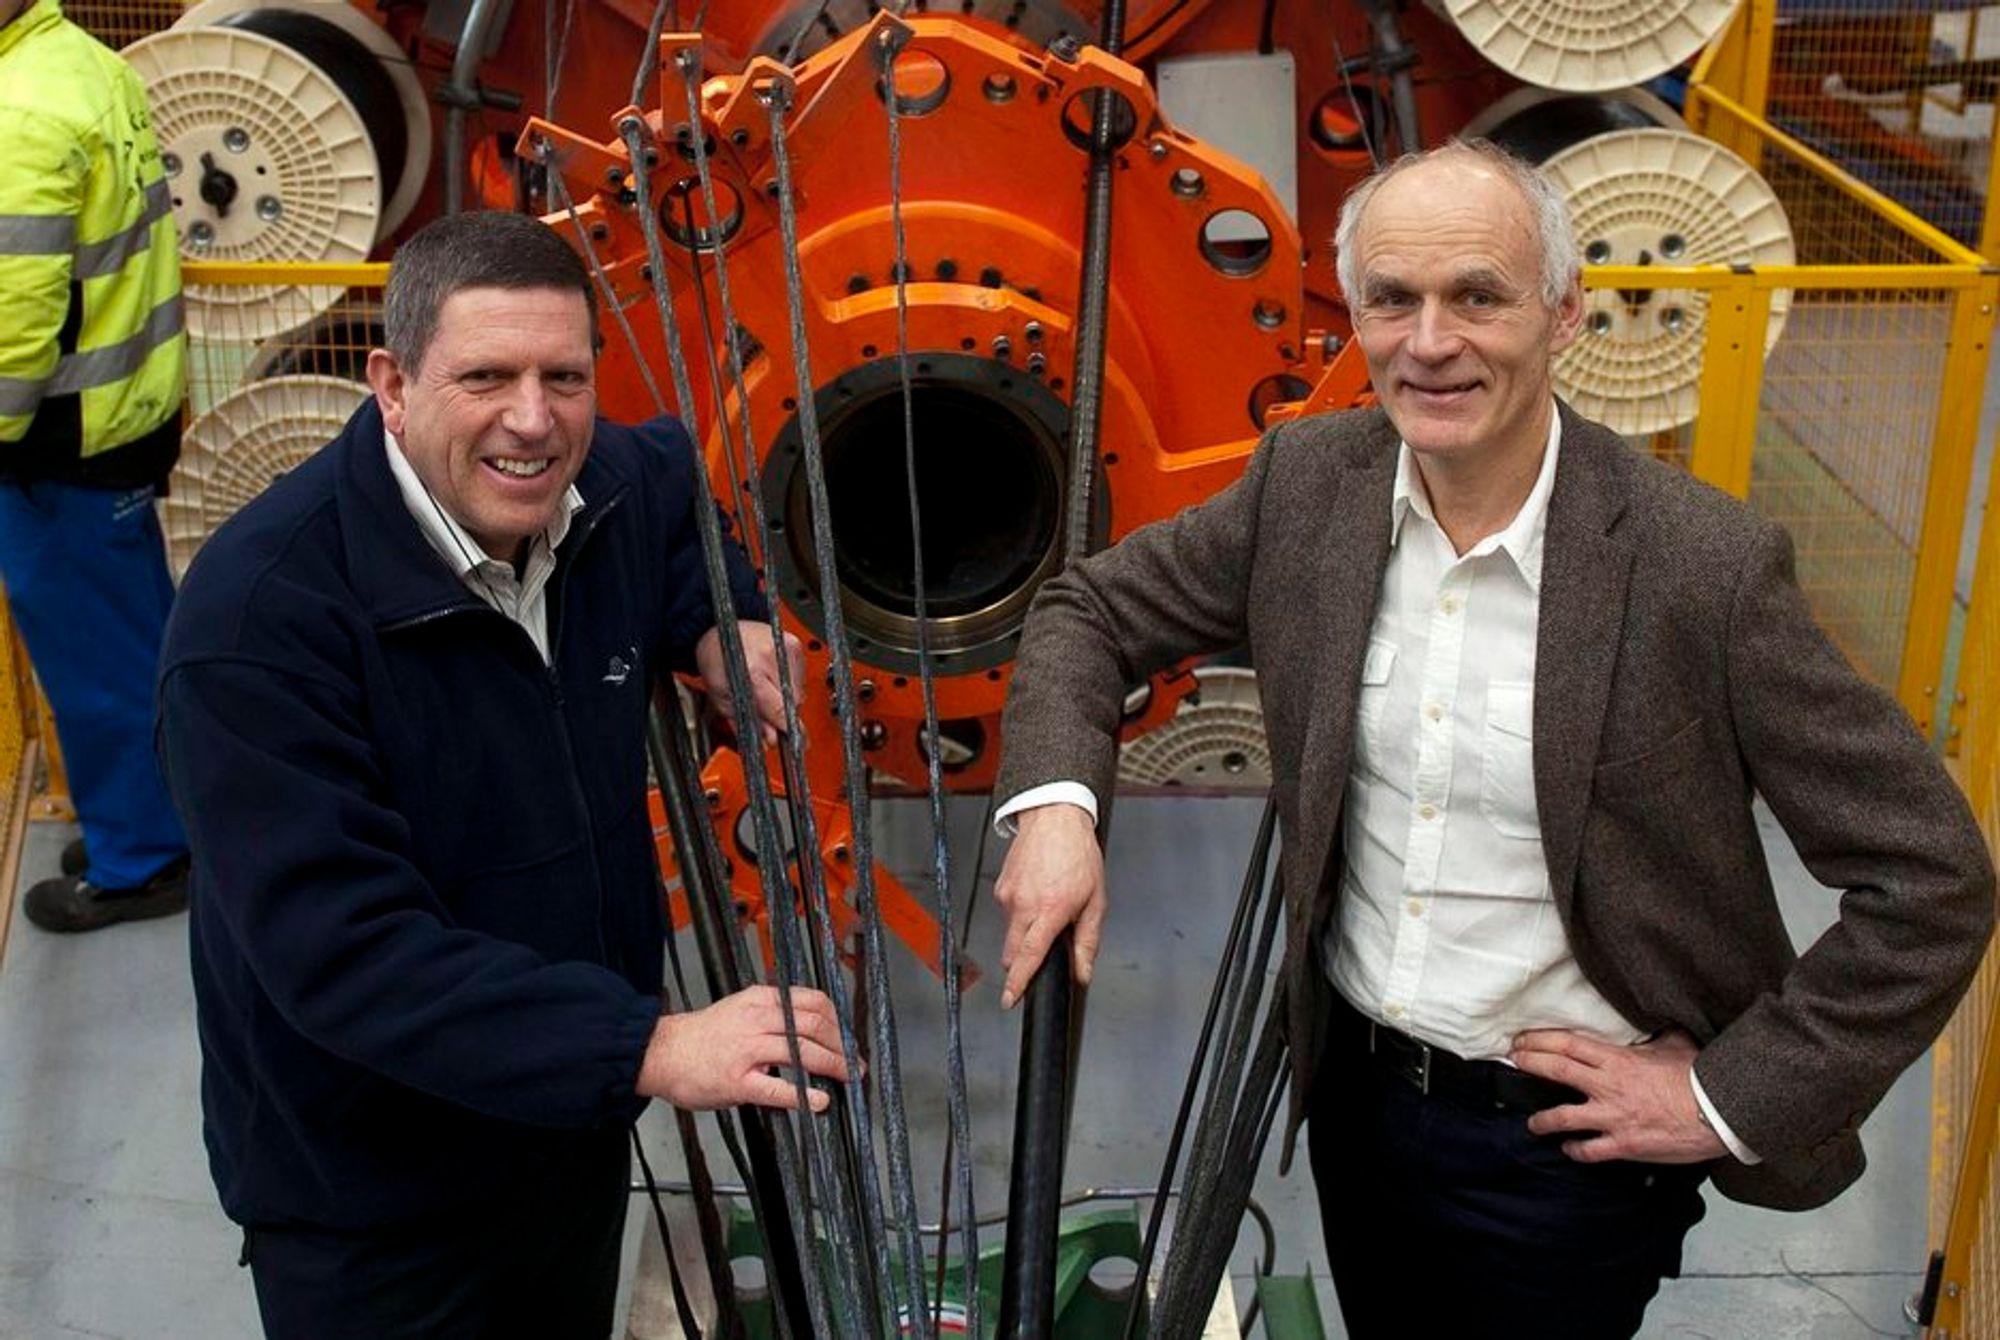 NYE LEVERANSER: Draka skal levere kabler til to av verdens største havvindparker, Baltic 2 og Gwynt y Môr. Dette er markedsdirektør Martin Dale (til venstre) og administrerende direktør Hans Henrik Bruusgaard ved selskapets ett år gamle kabelfabrikk i Drammen.